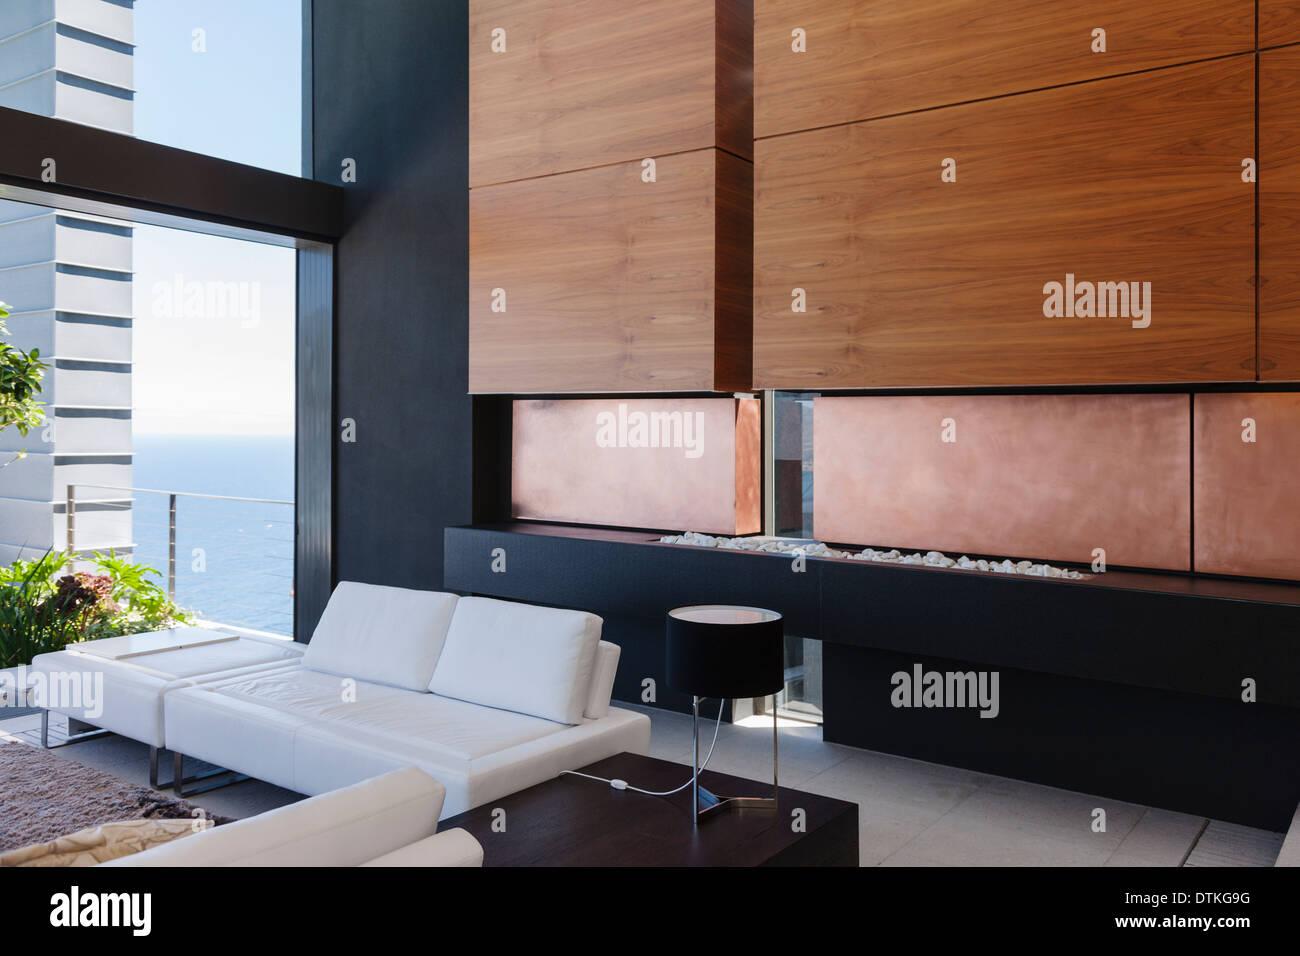 Sofá y paneles de madera en la moderna sala de estar Imagen De Stock